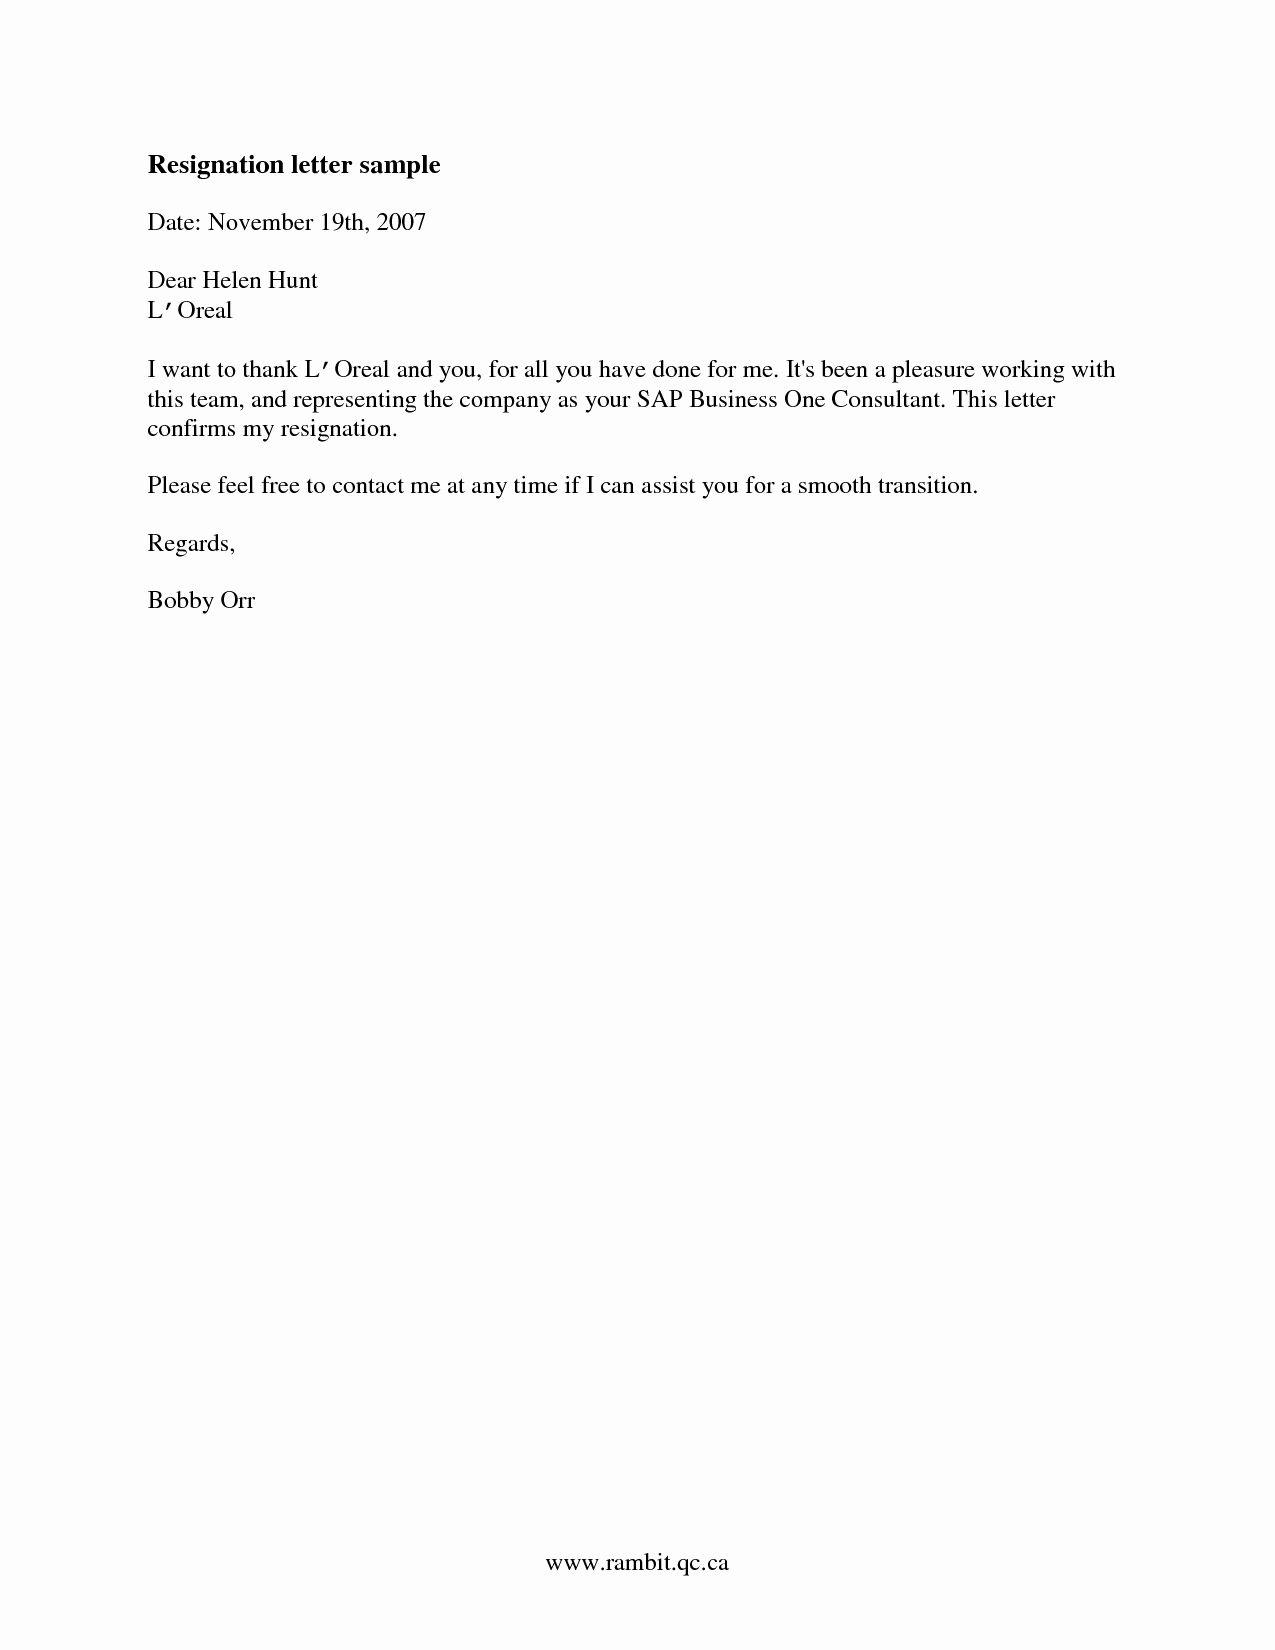 23 Short Cover Letter